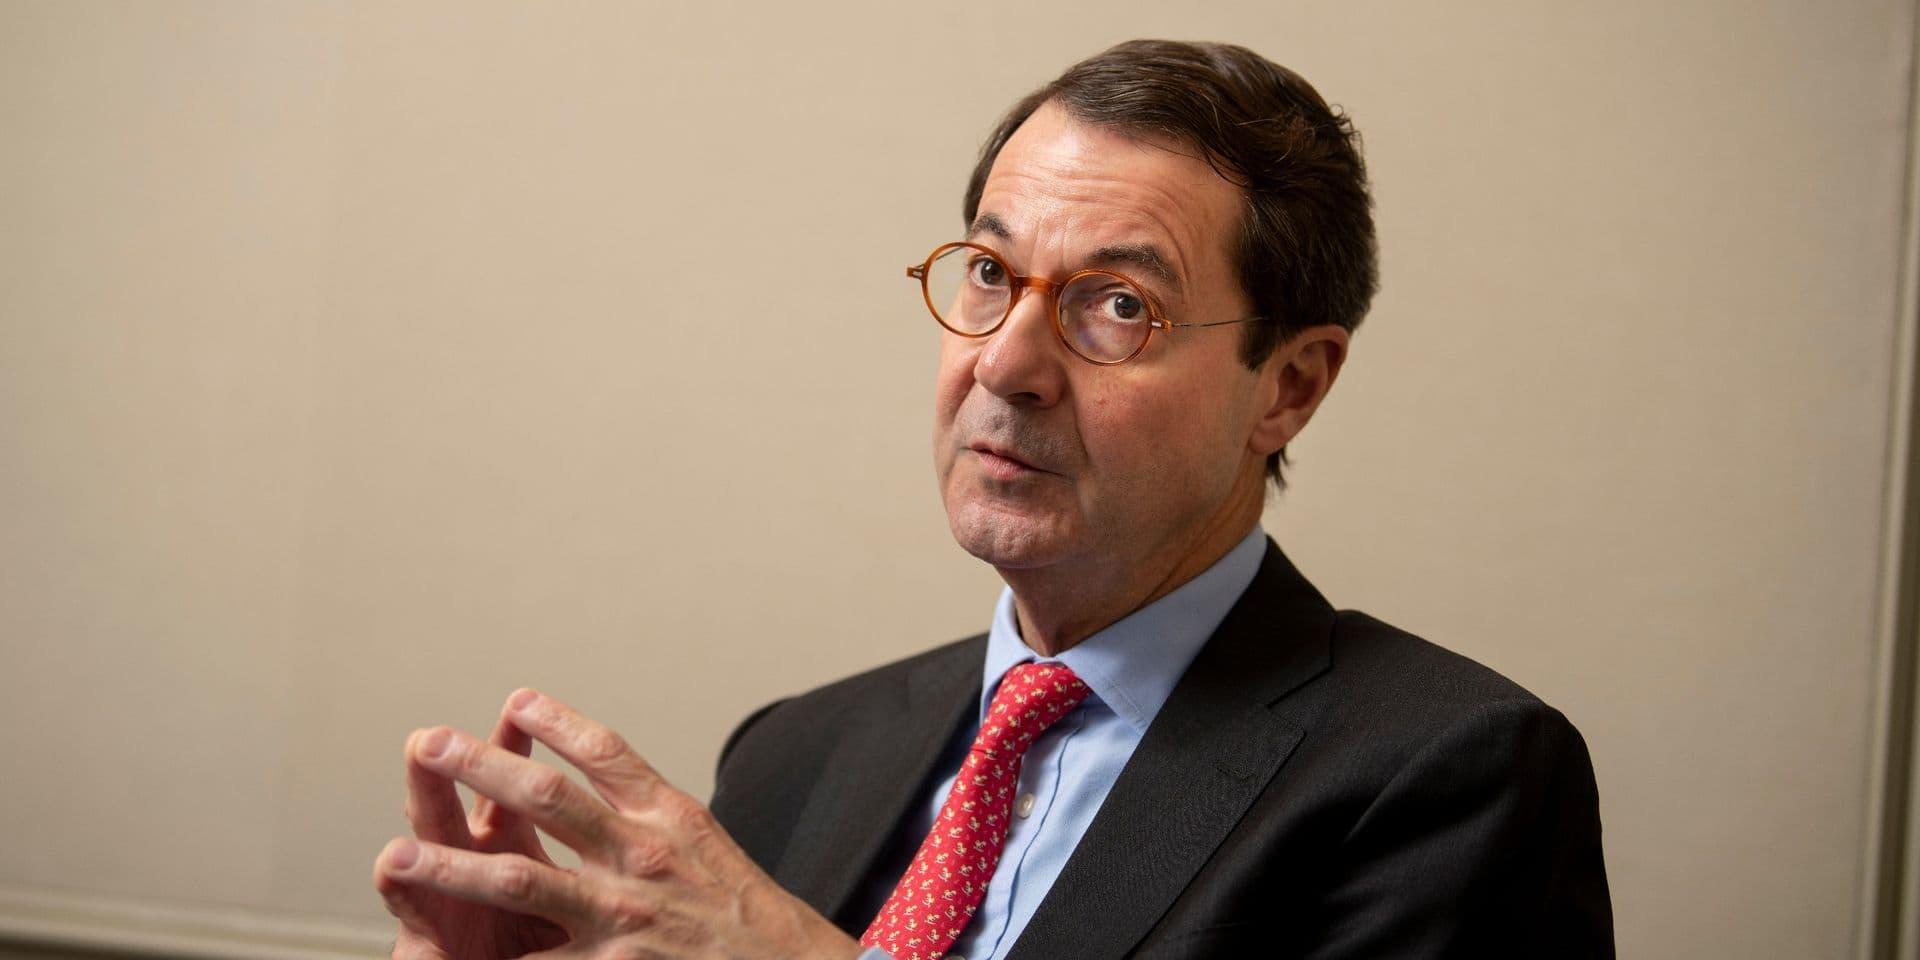 Bruno Colmant, CEO de Degroof Petercam.